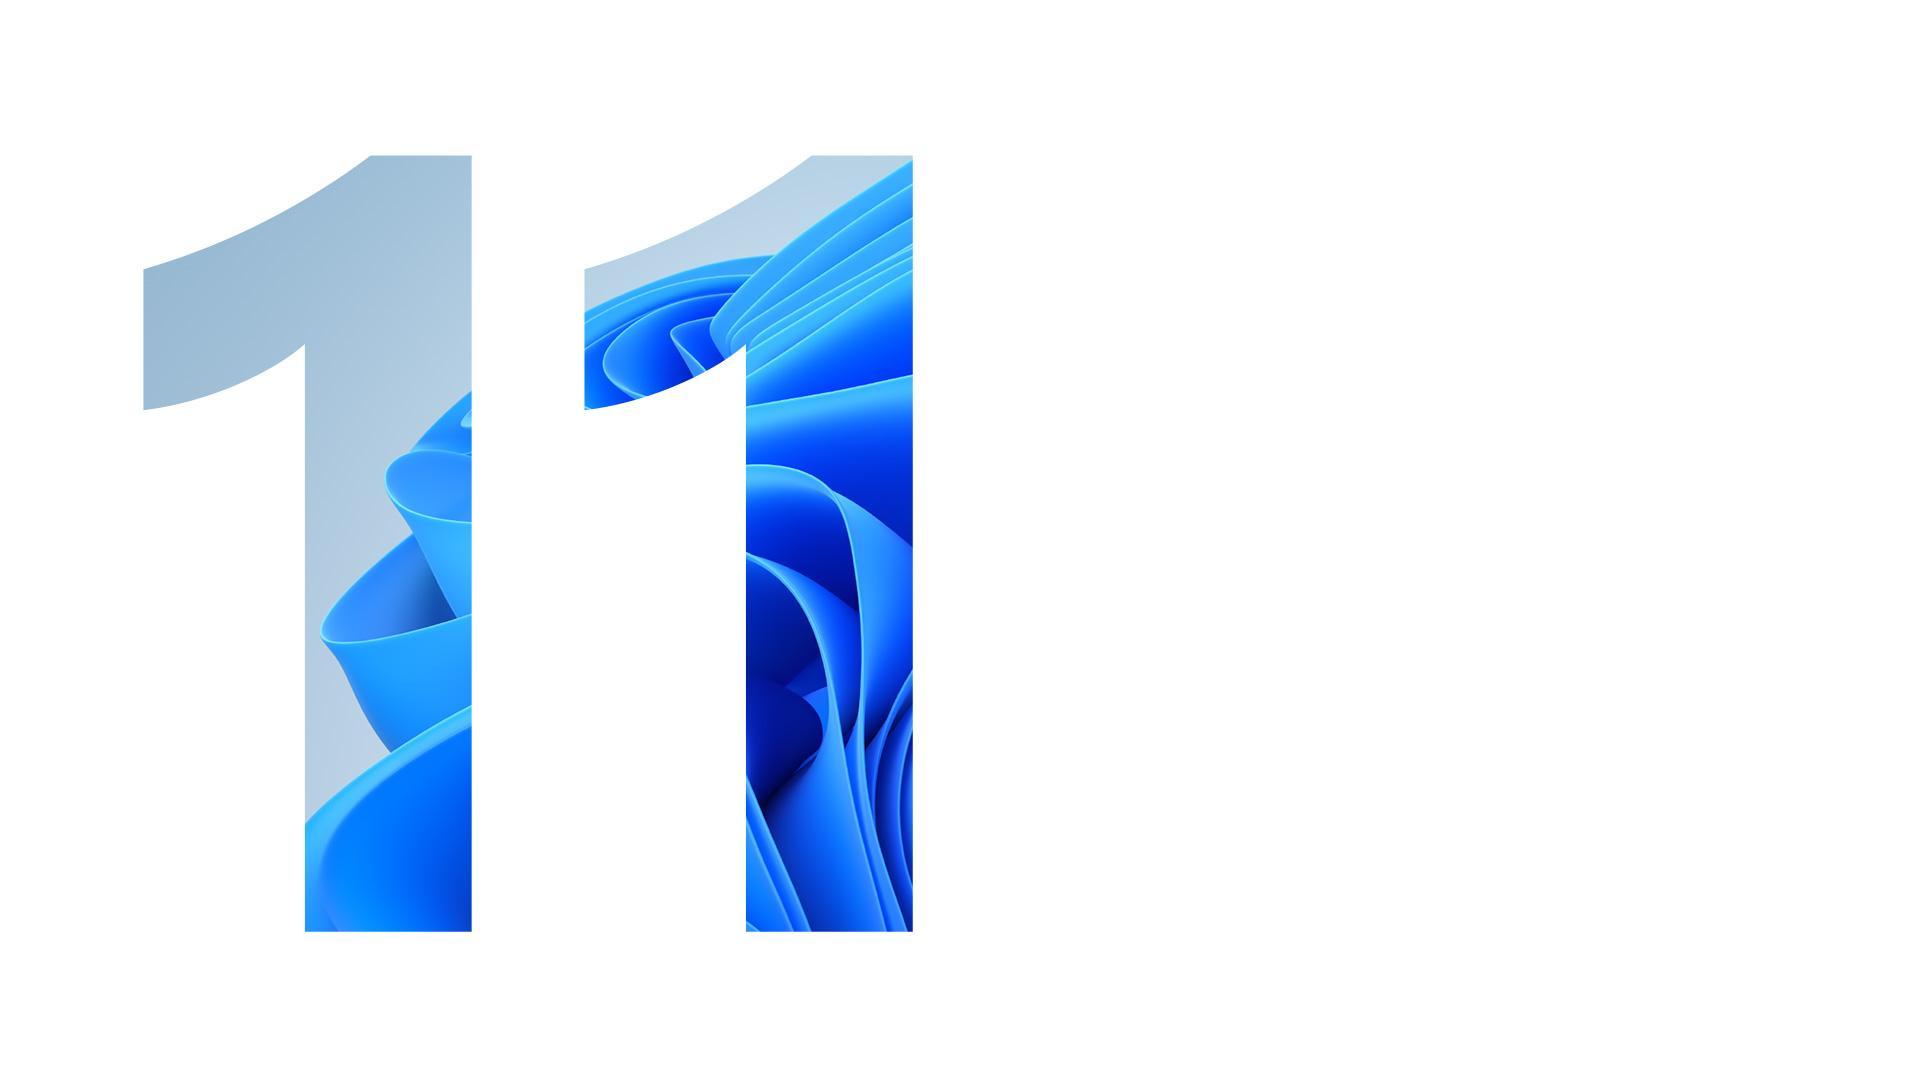 Как установить Windows 11 налюбой ПКуже сегодня?